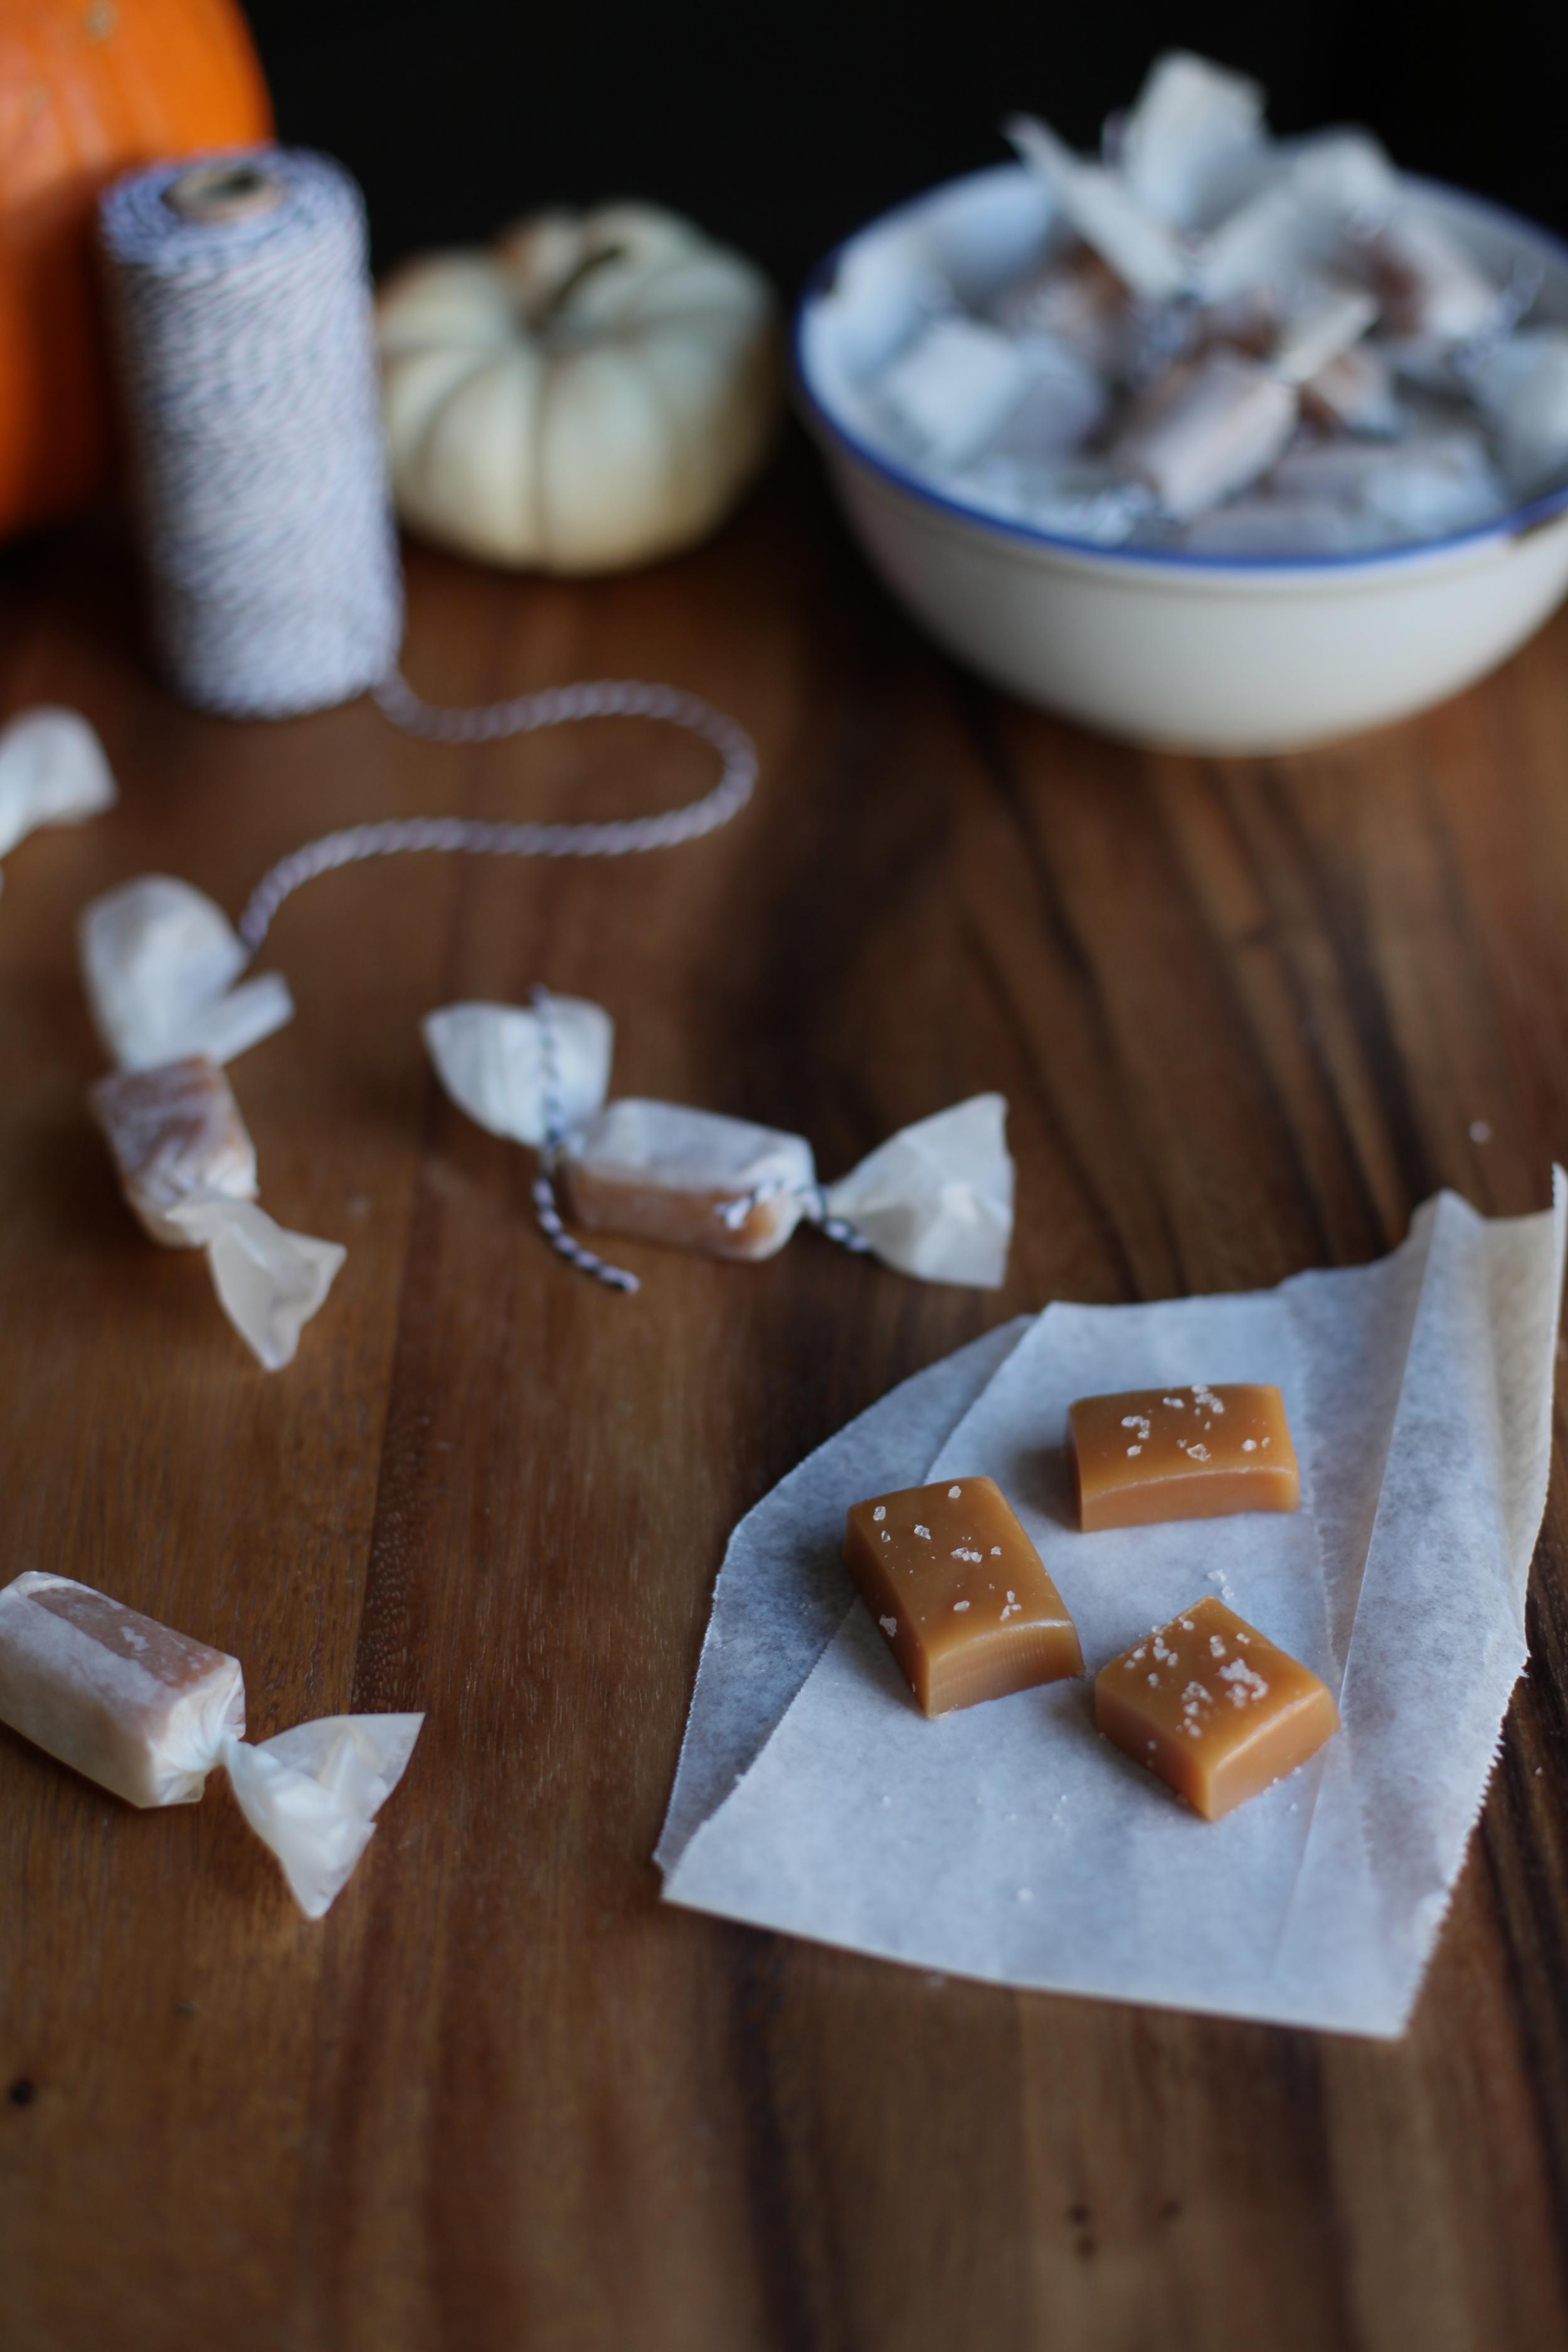 Caramel Candies Topped with Pink Himalayan Sea Salt